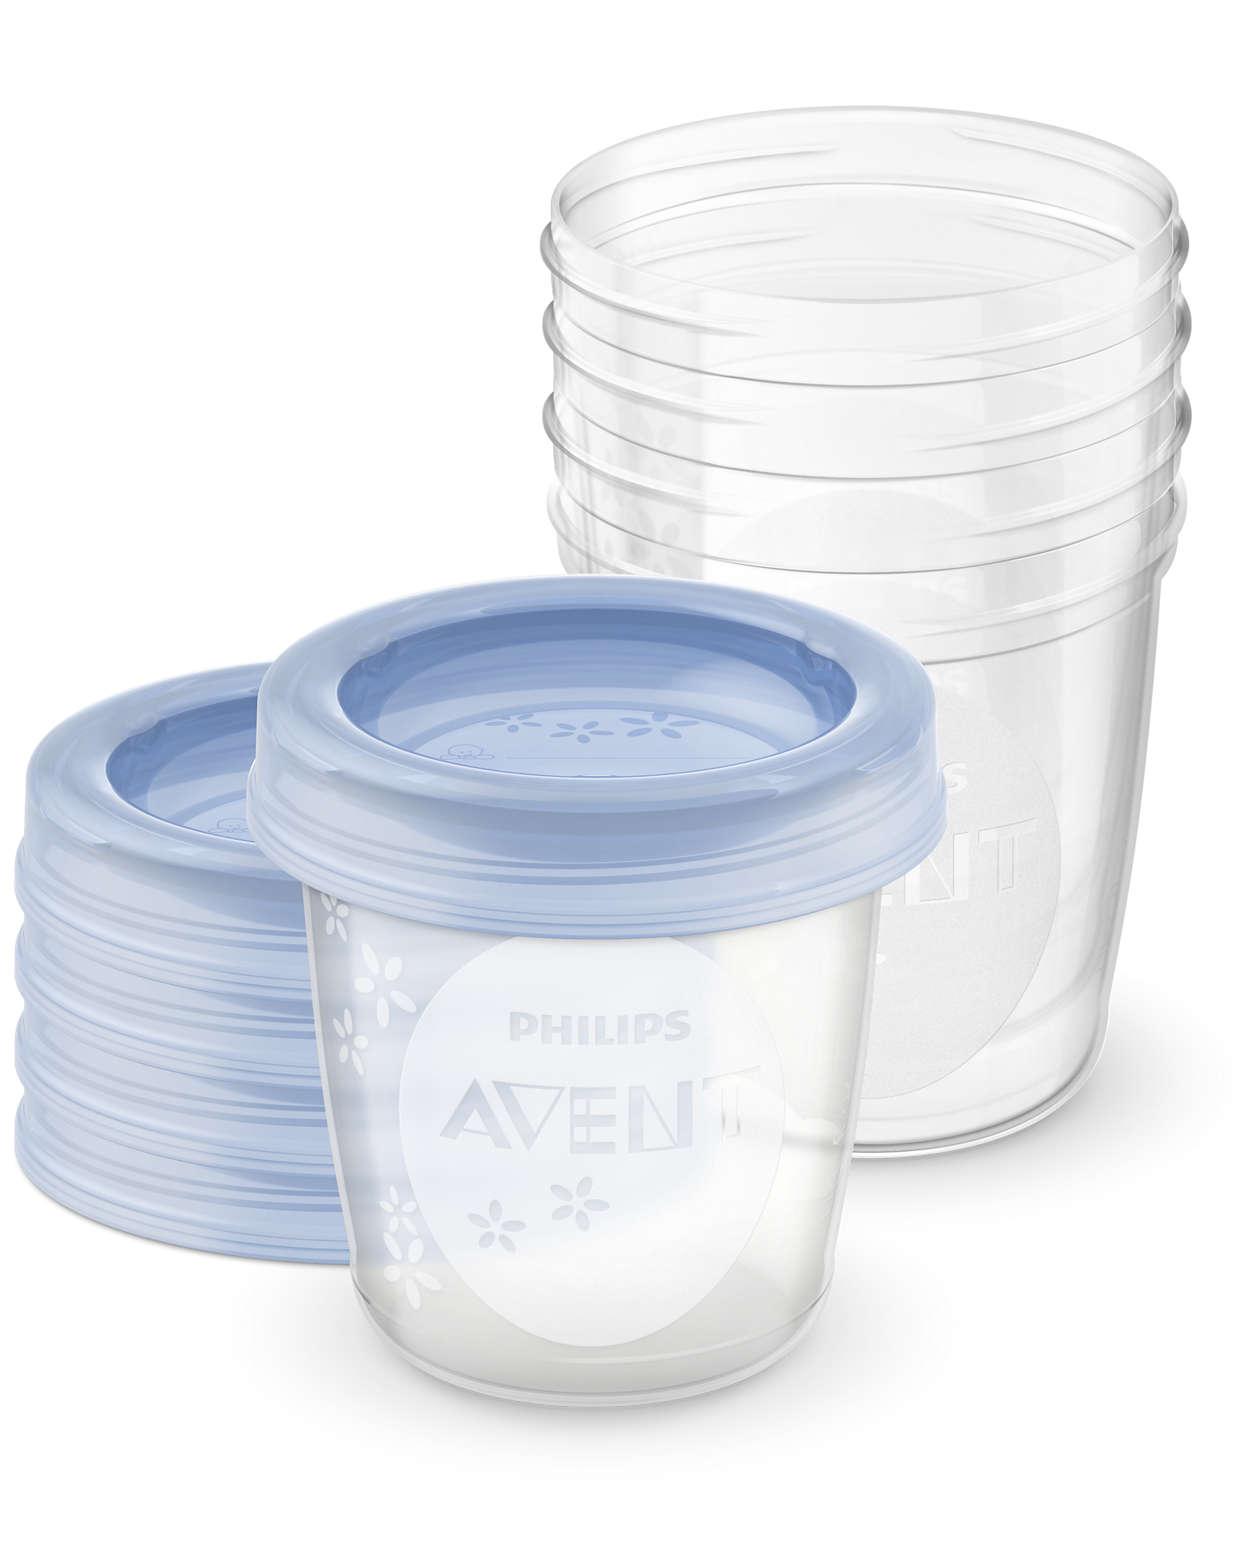 Armazenar leite materno de forma segura